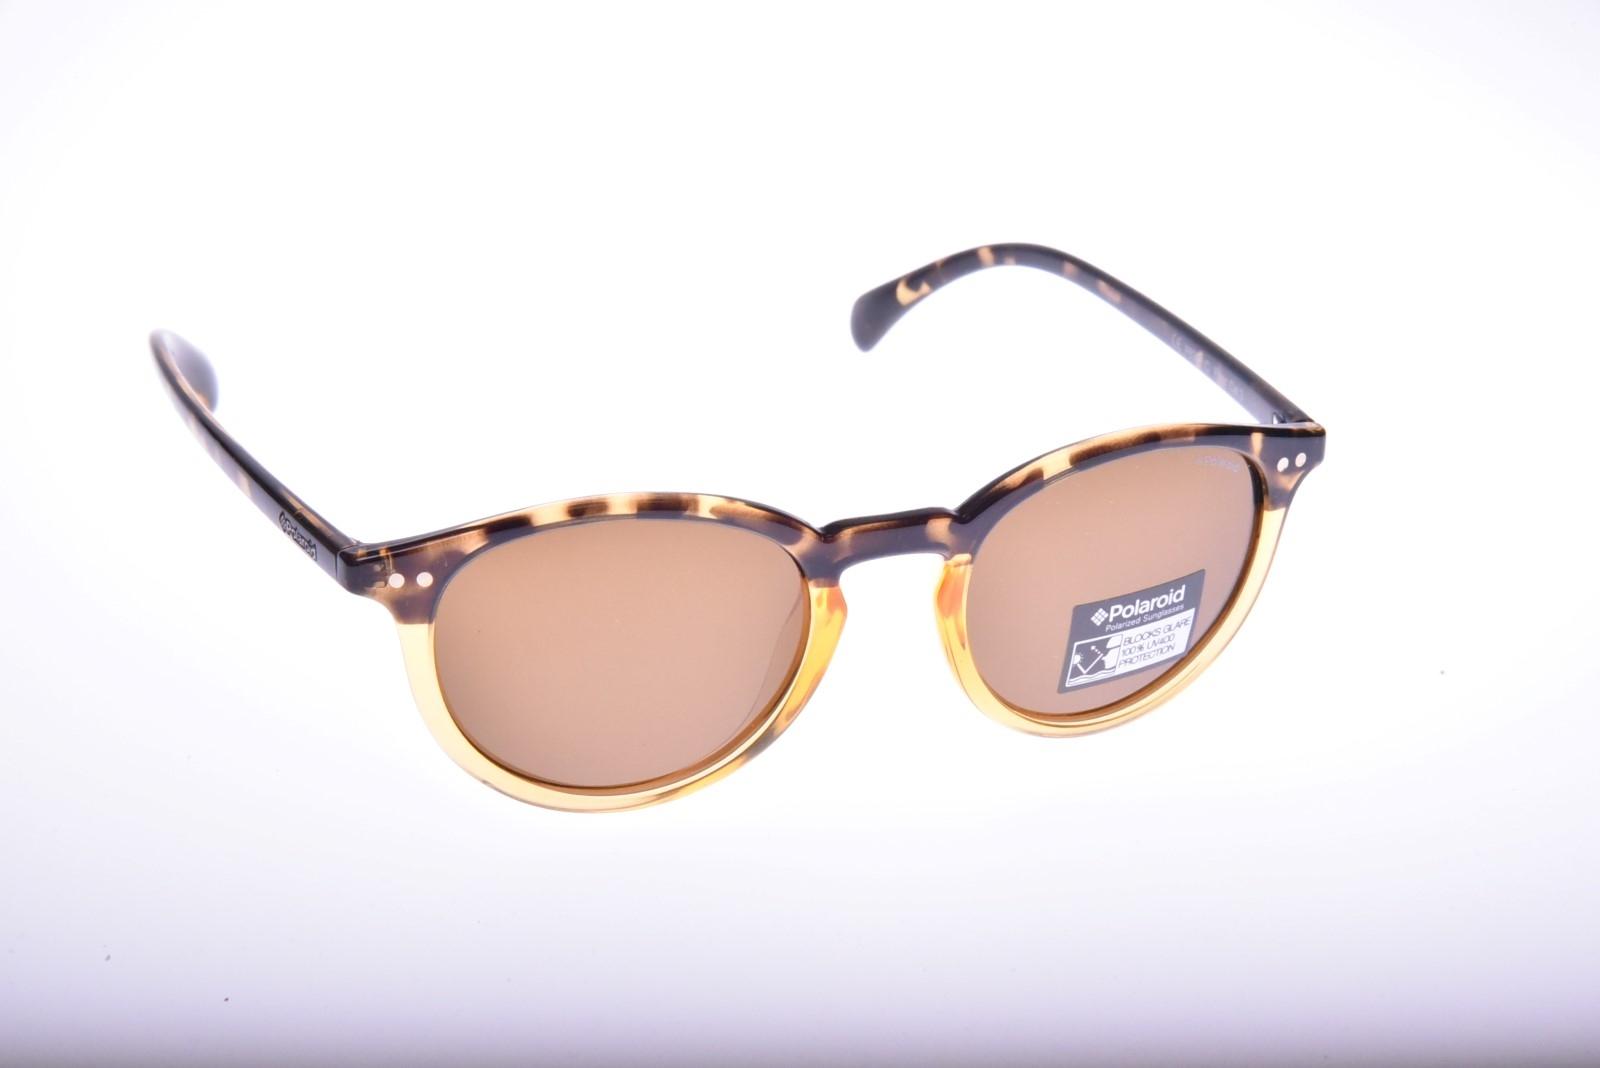 Polaroid Contemporary P8332C - Dámske slnečné okuliare